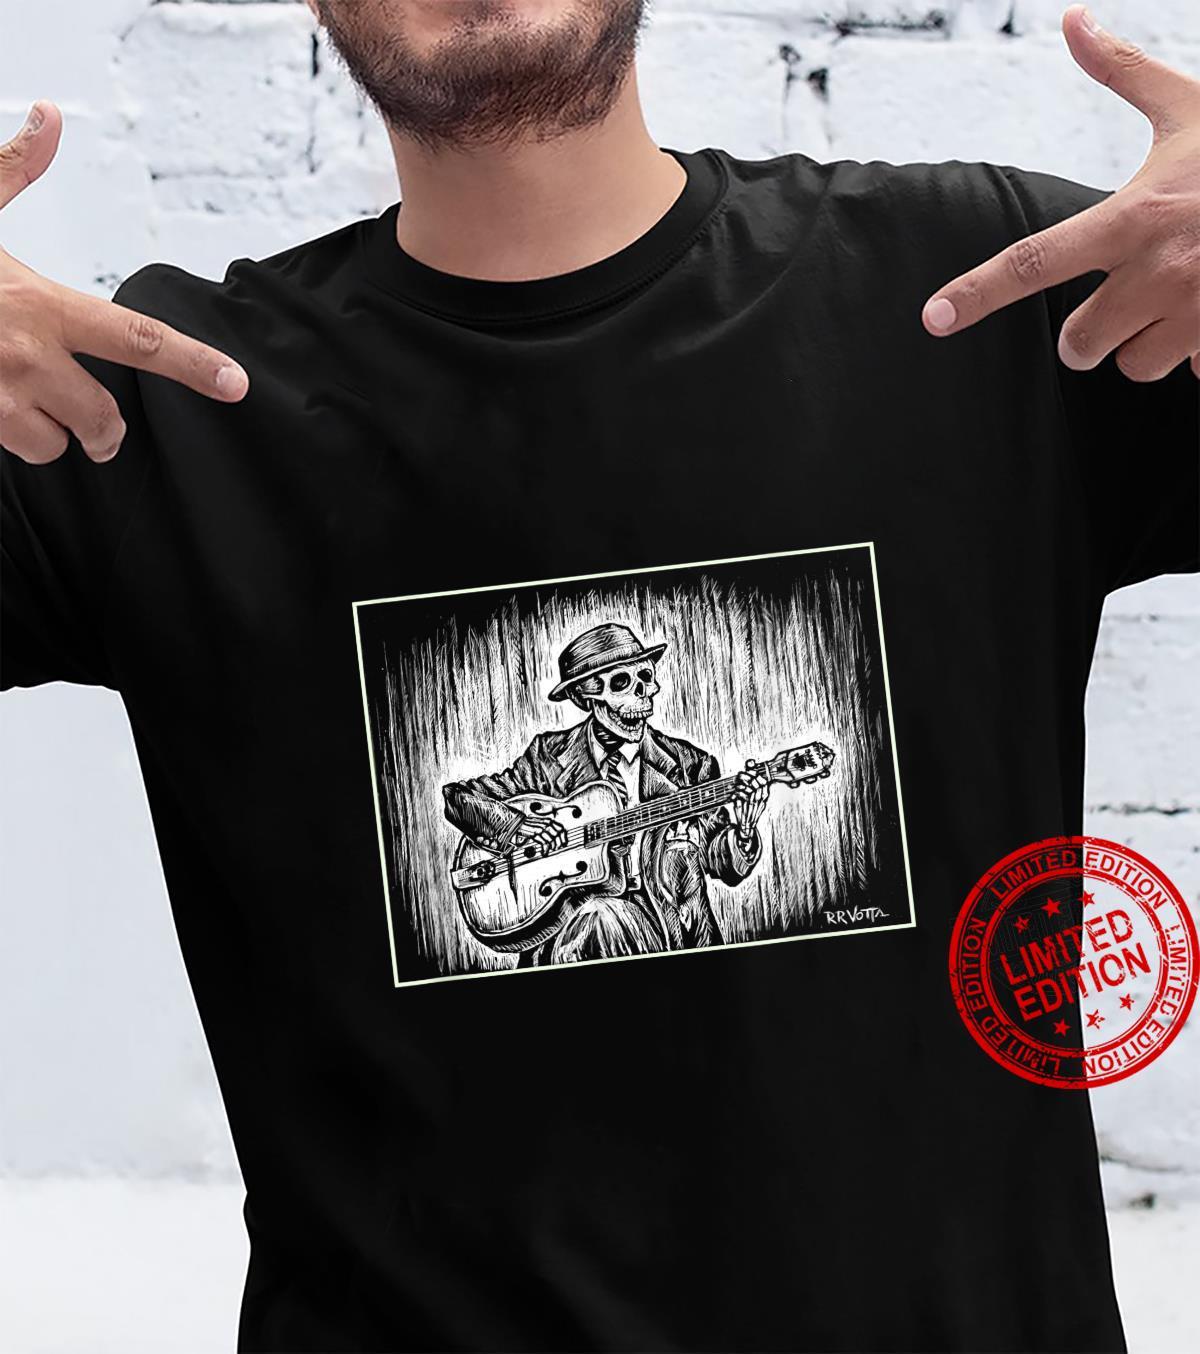 The Skeleton Balladeer Dark Background Design Shirt